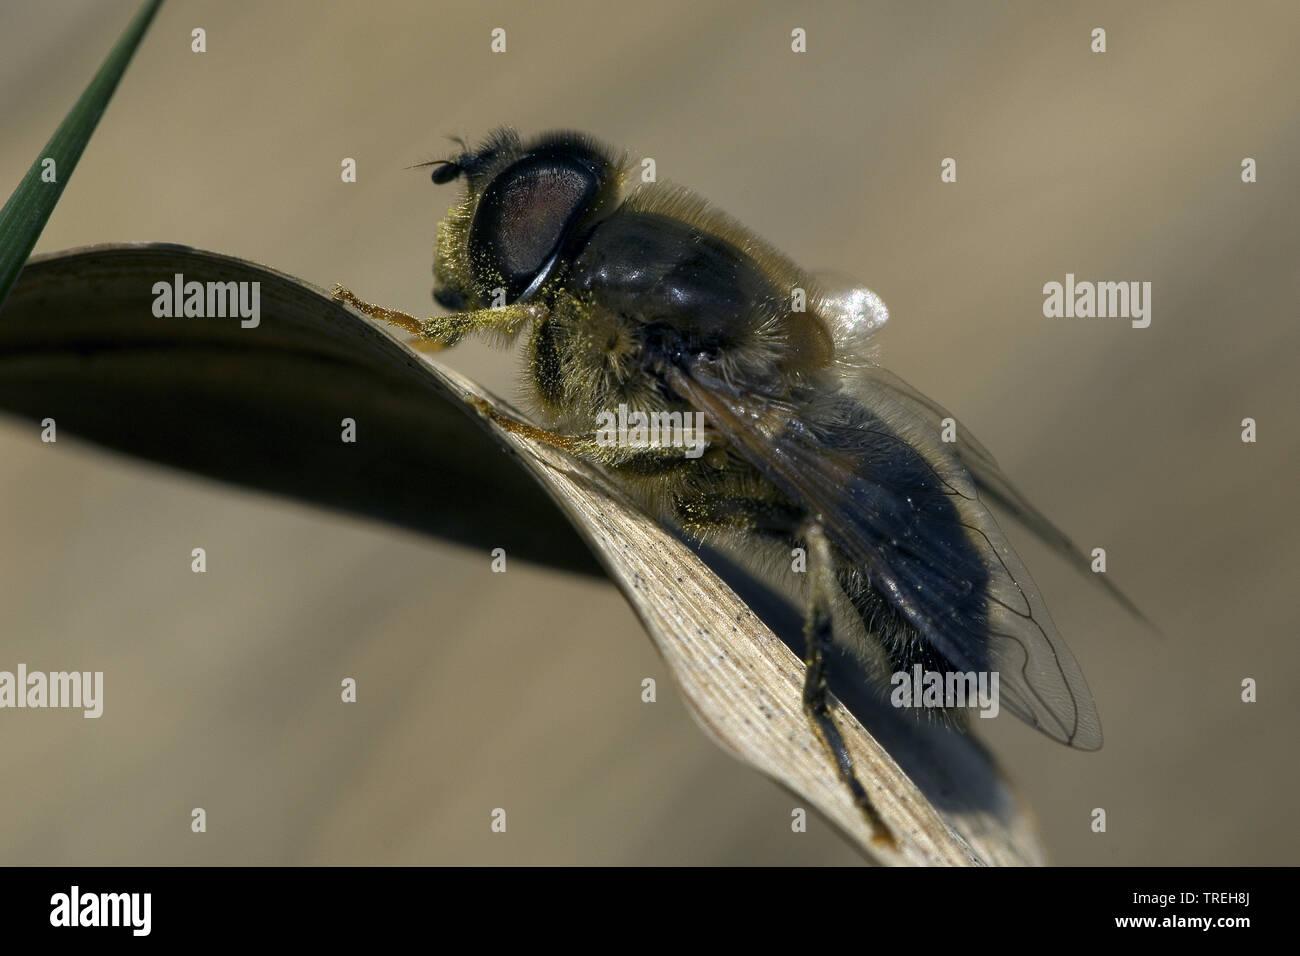 Gemeine Keilfleckschwebfliege, Lange Bienen-Schwebfliege, Lange Bienenschwebfliege (Eristalis pertinax), sitzt auf einem Blatt, Niederlande | Drone fl - Stock Image